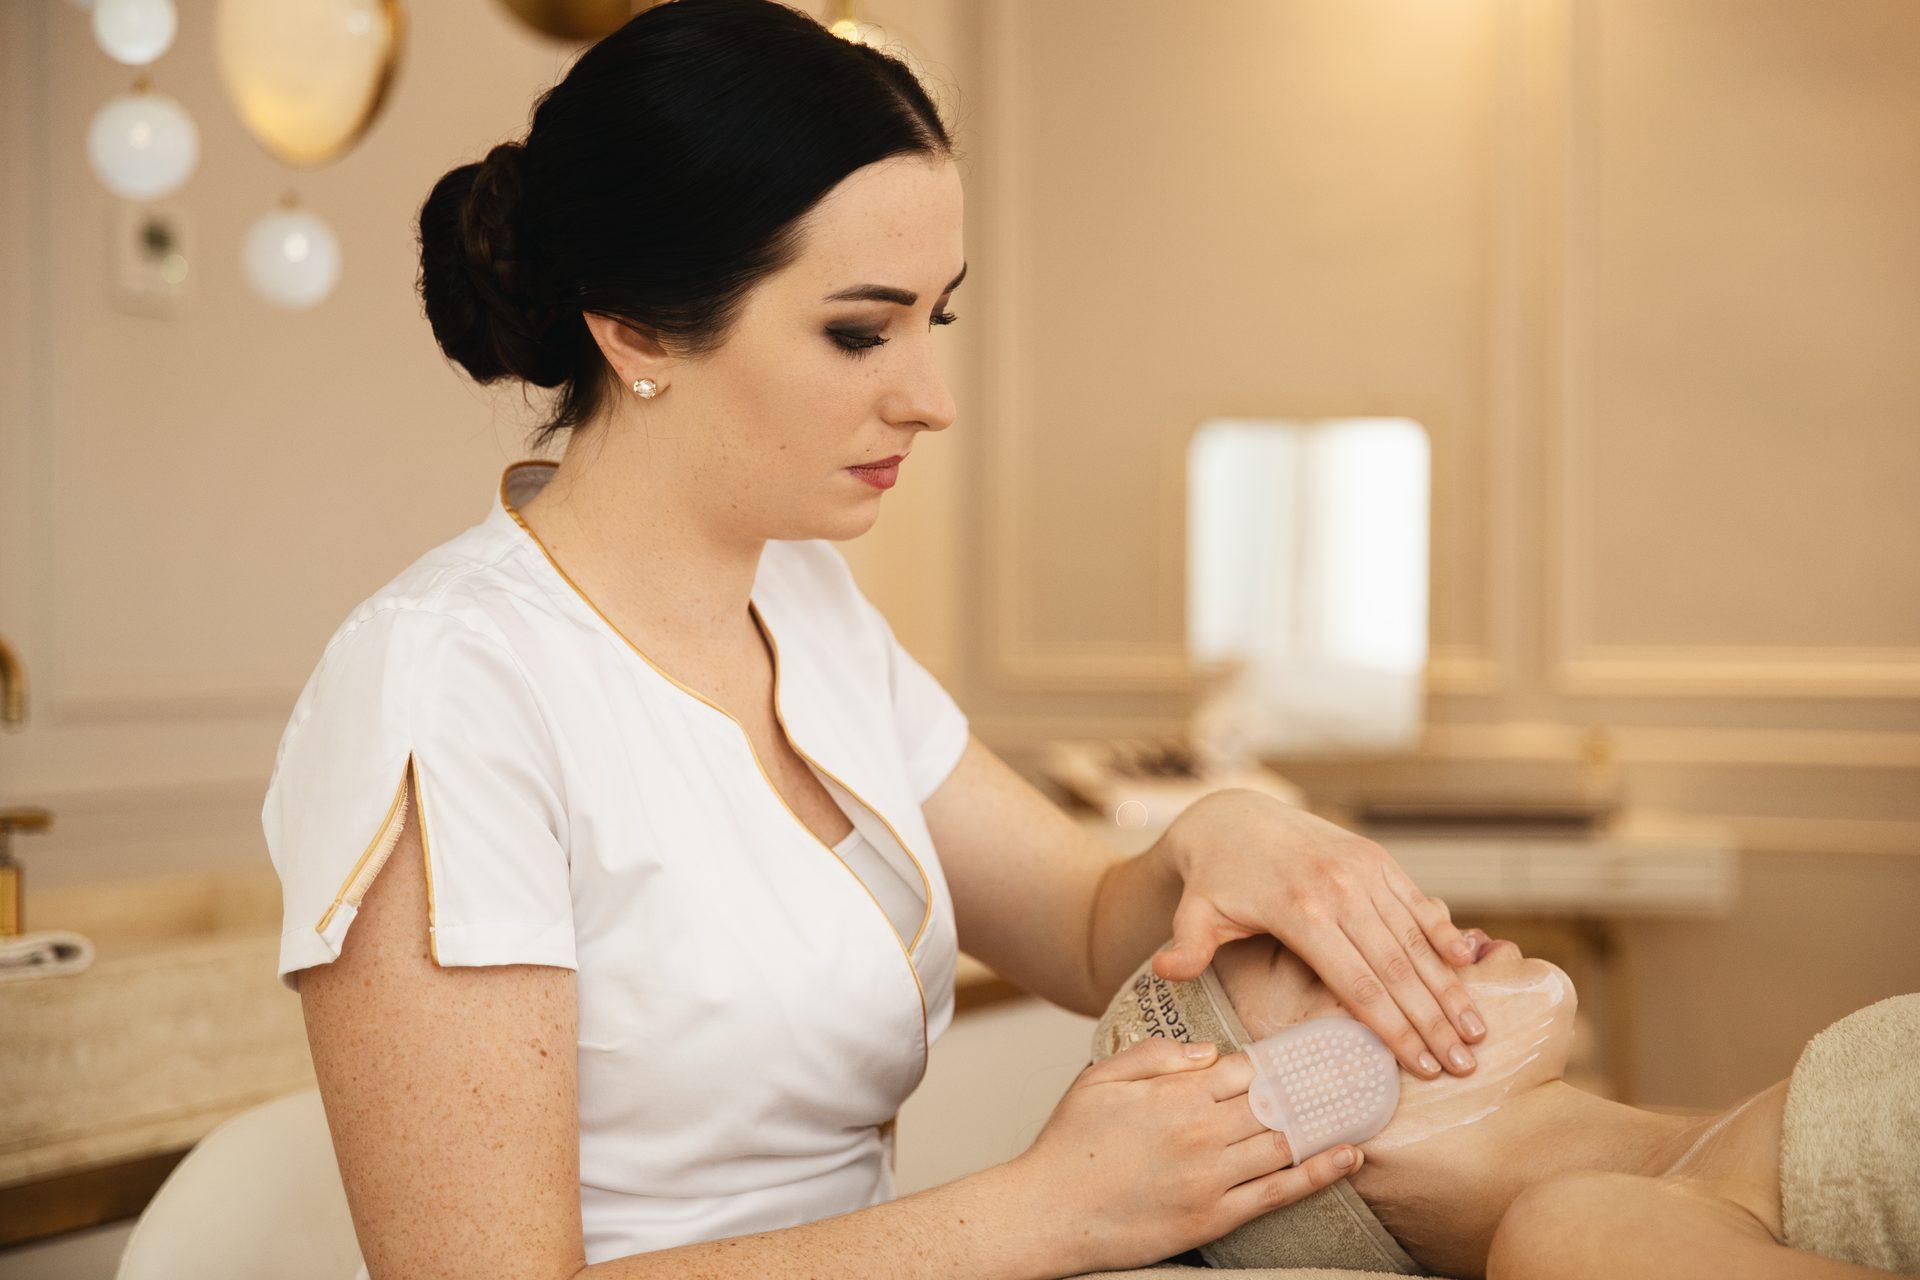 Gesichtsbehandlung bei einer Kundin - Haut- und Körperpflege bei evas concept